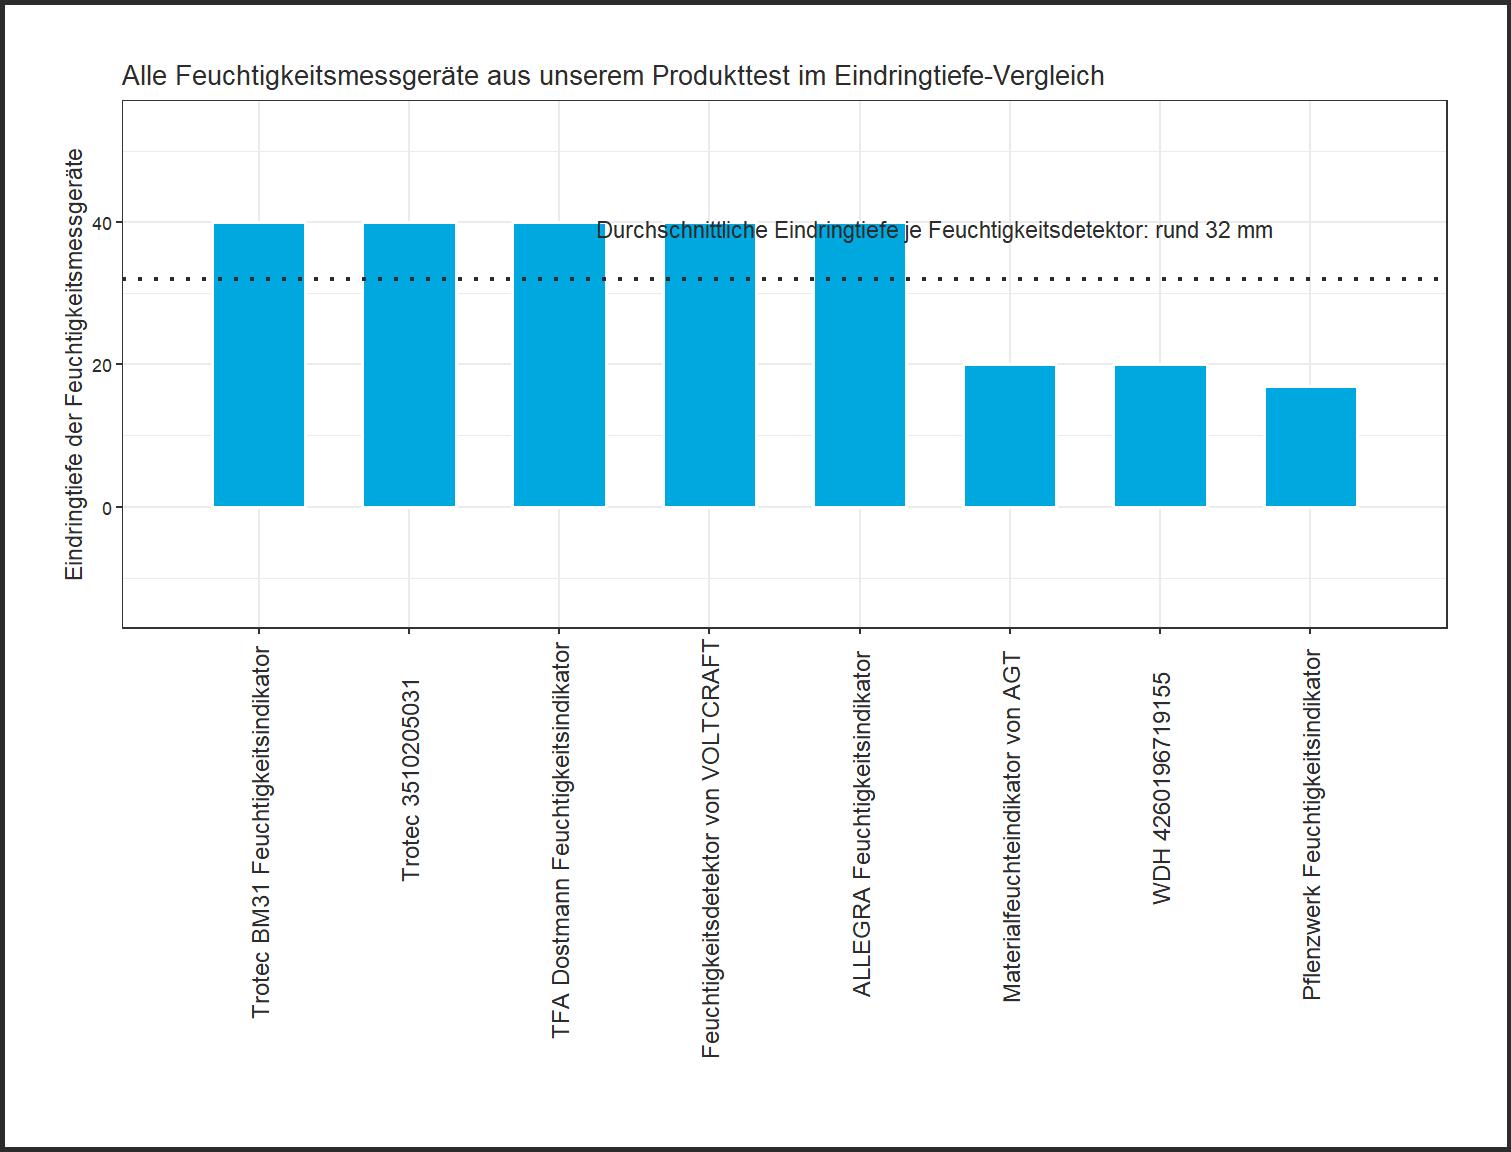 Eindringtiefe-Vergleich aller Feuchtigkeitsmessgeräte